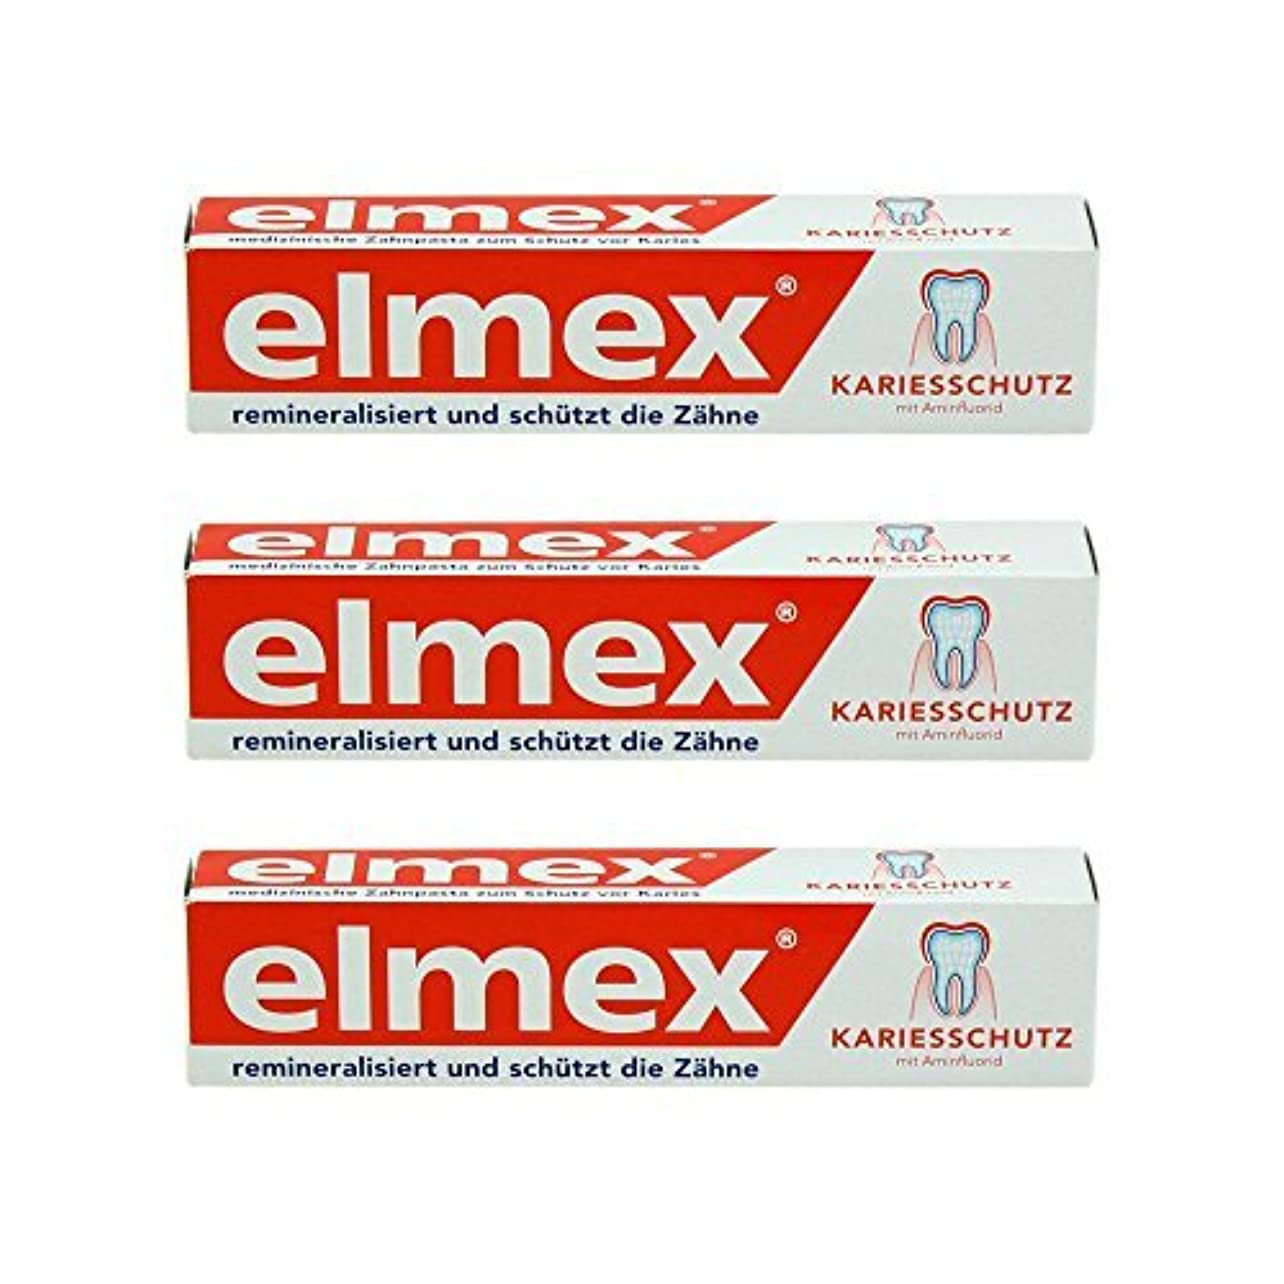 存在する違法物語ELMEX Caries Protection Toothpaste with Amine Fluoride 3 x 75ml by Elemx